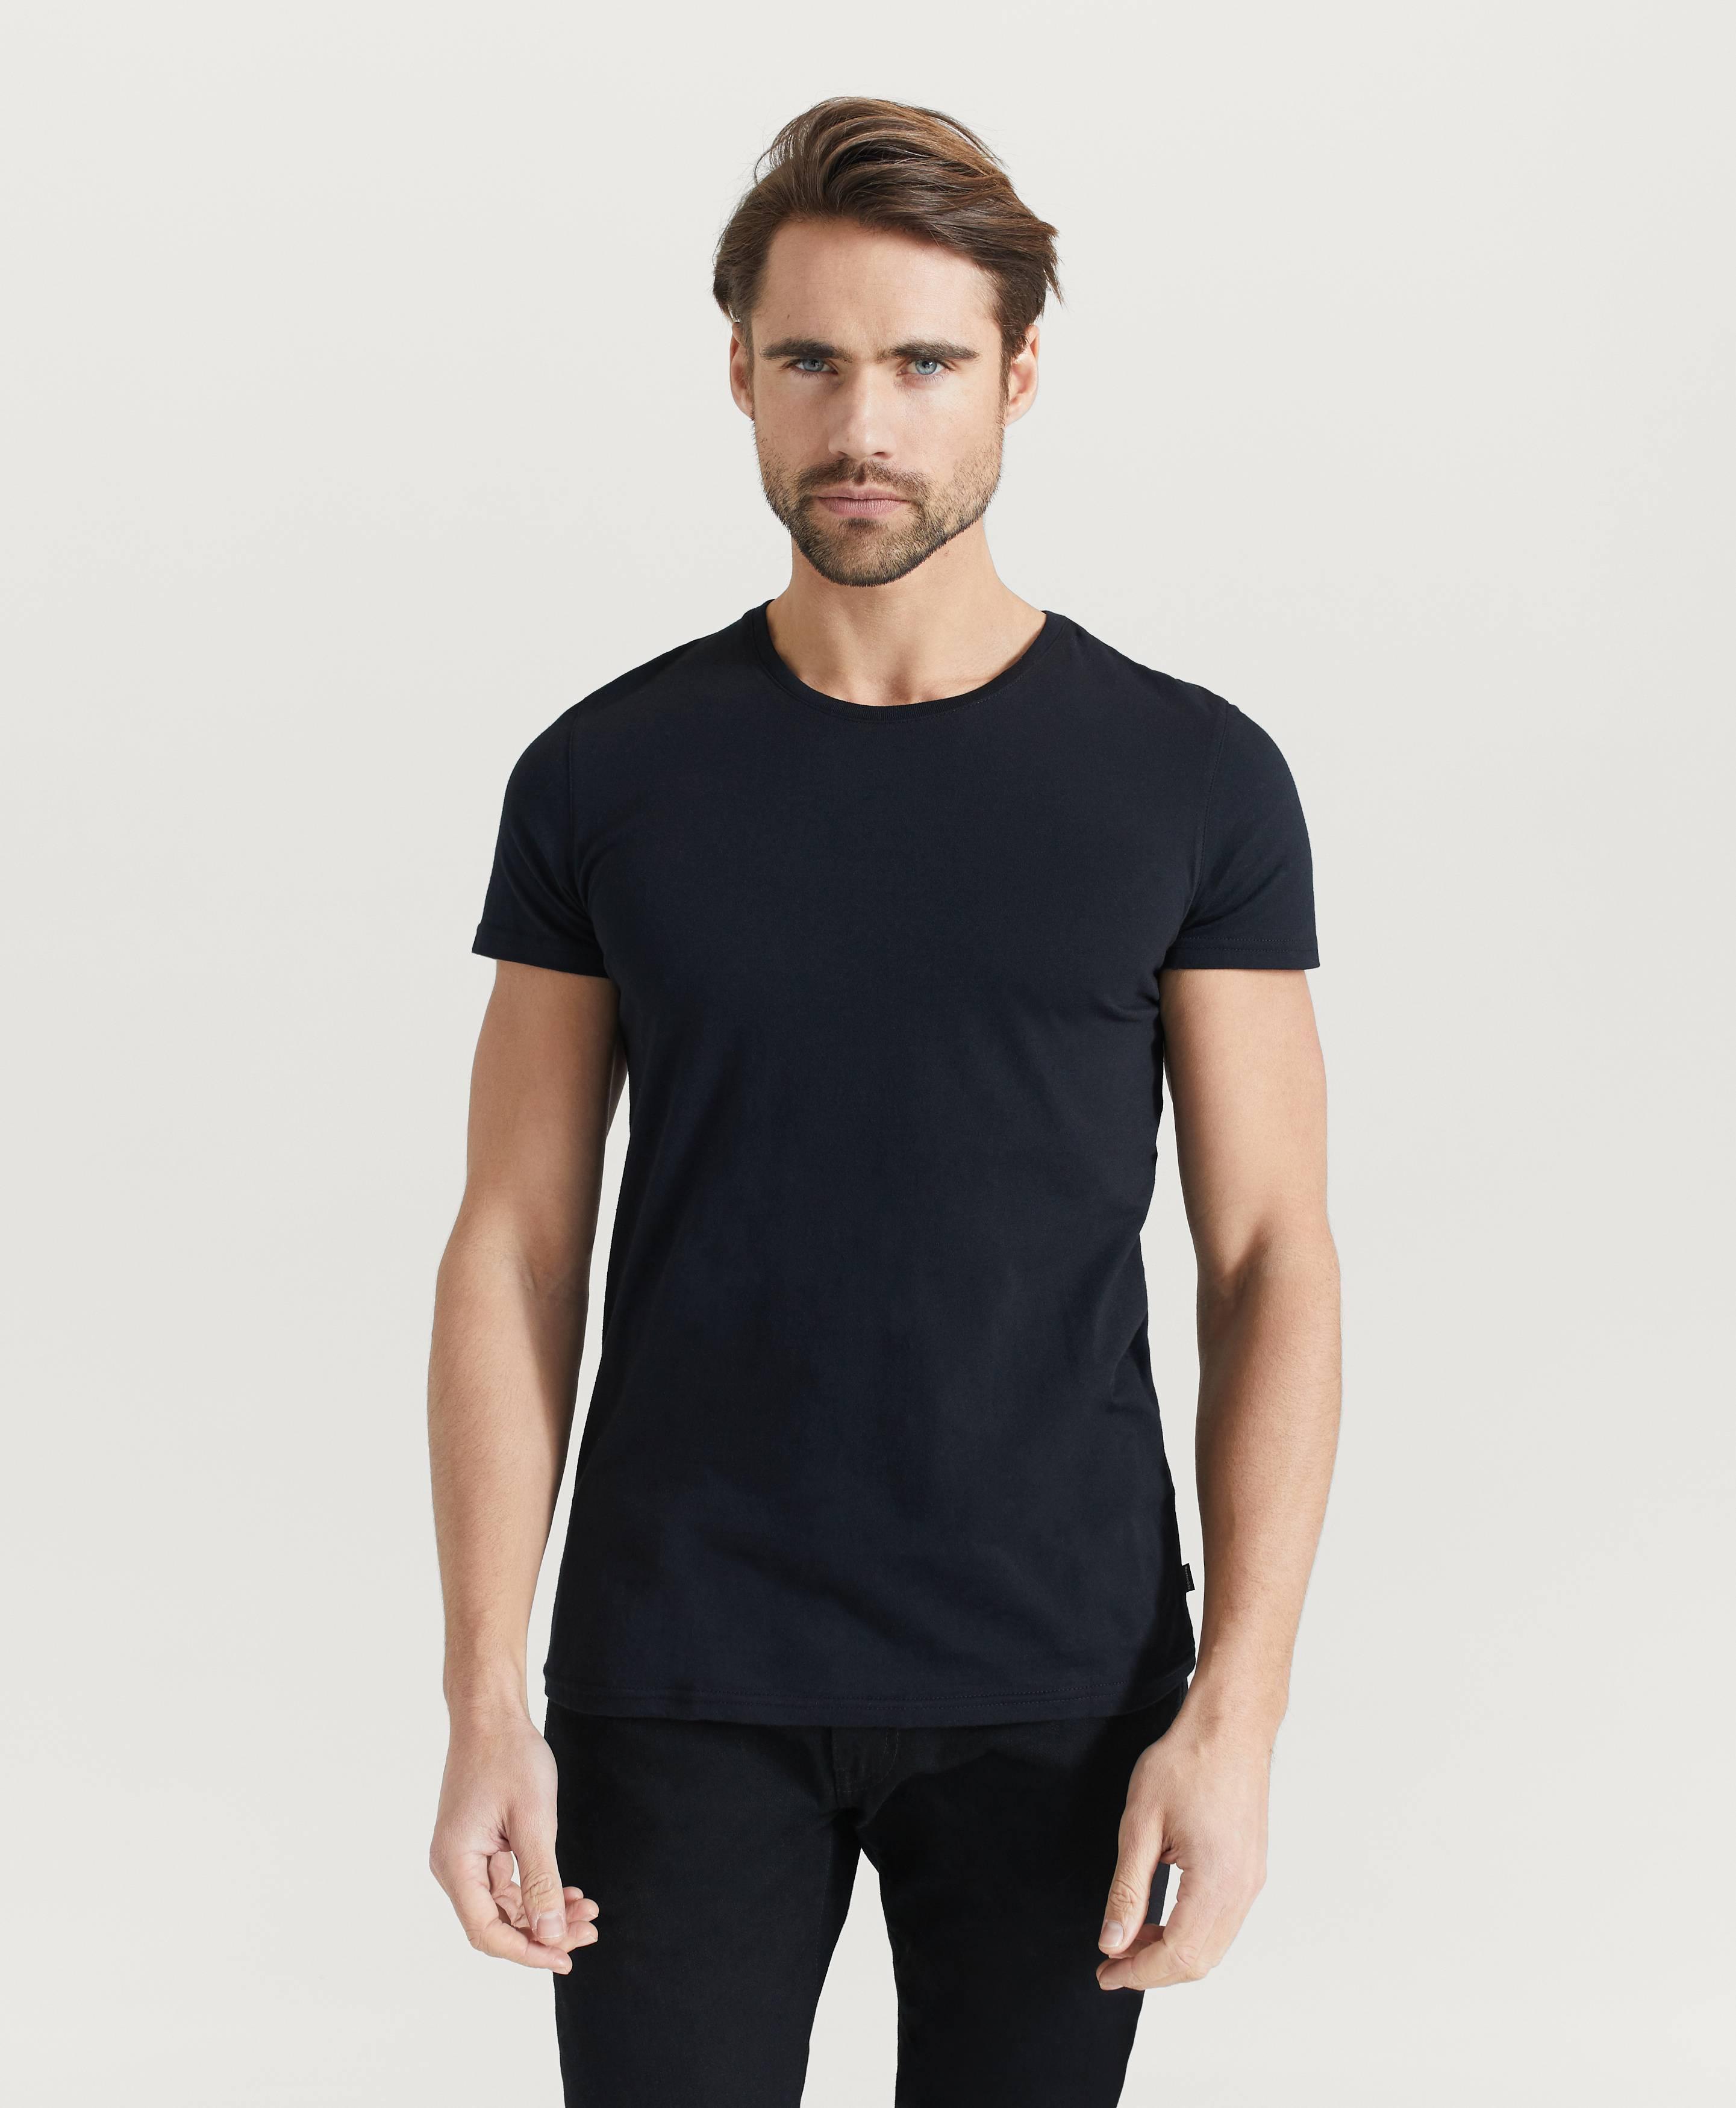 Resteröds T-shirt Original R-neck Tee Svart